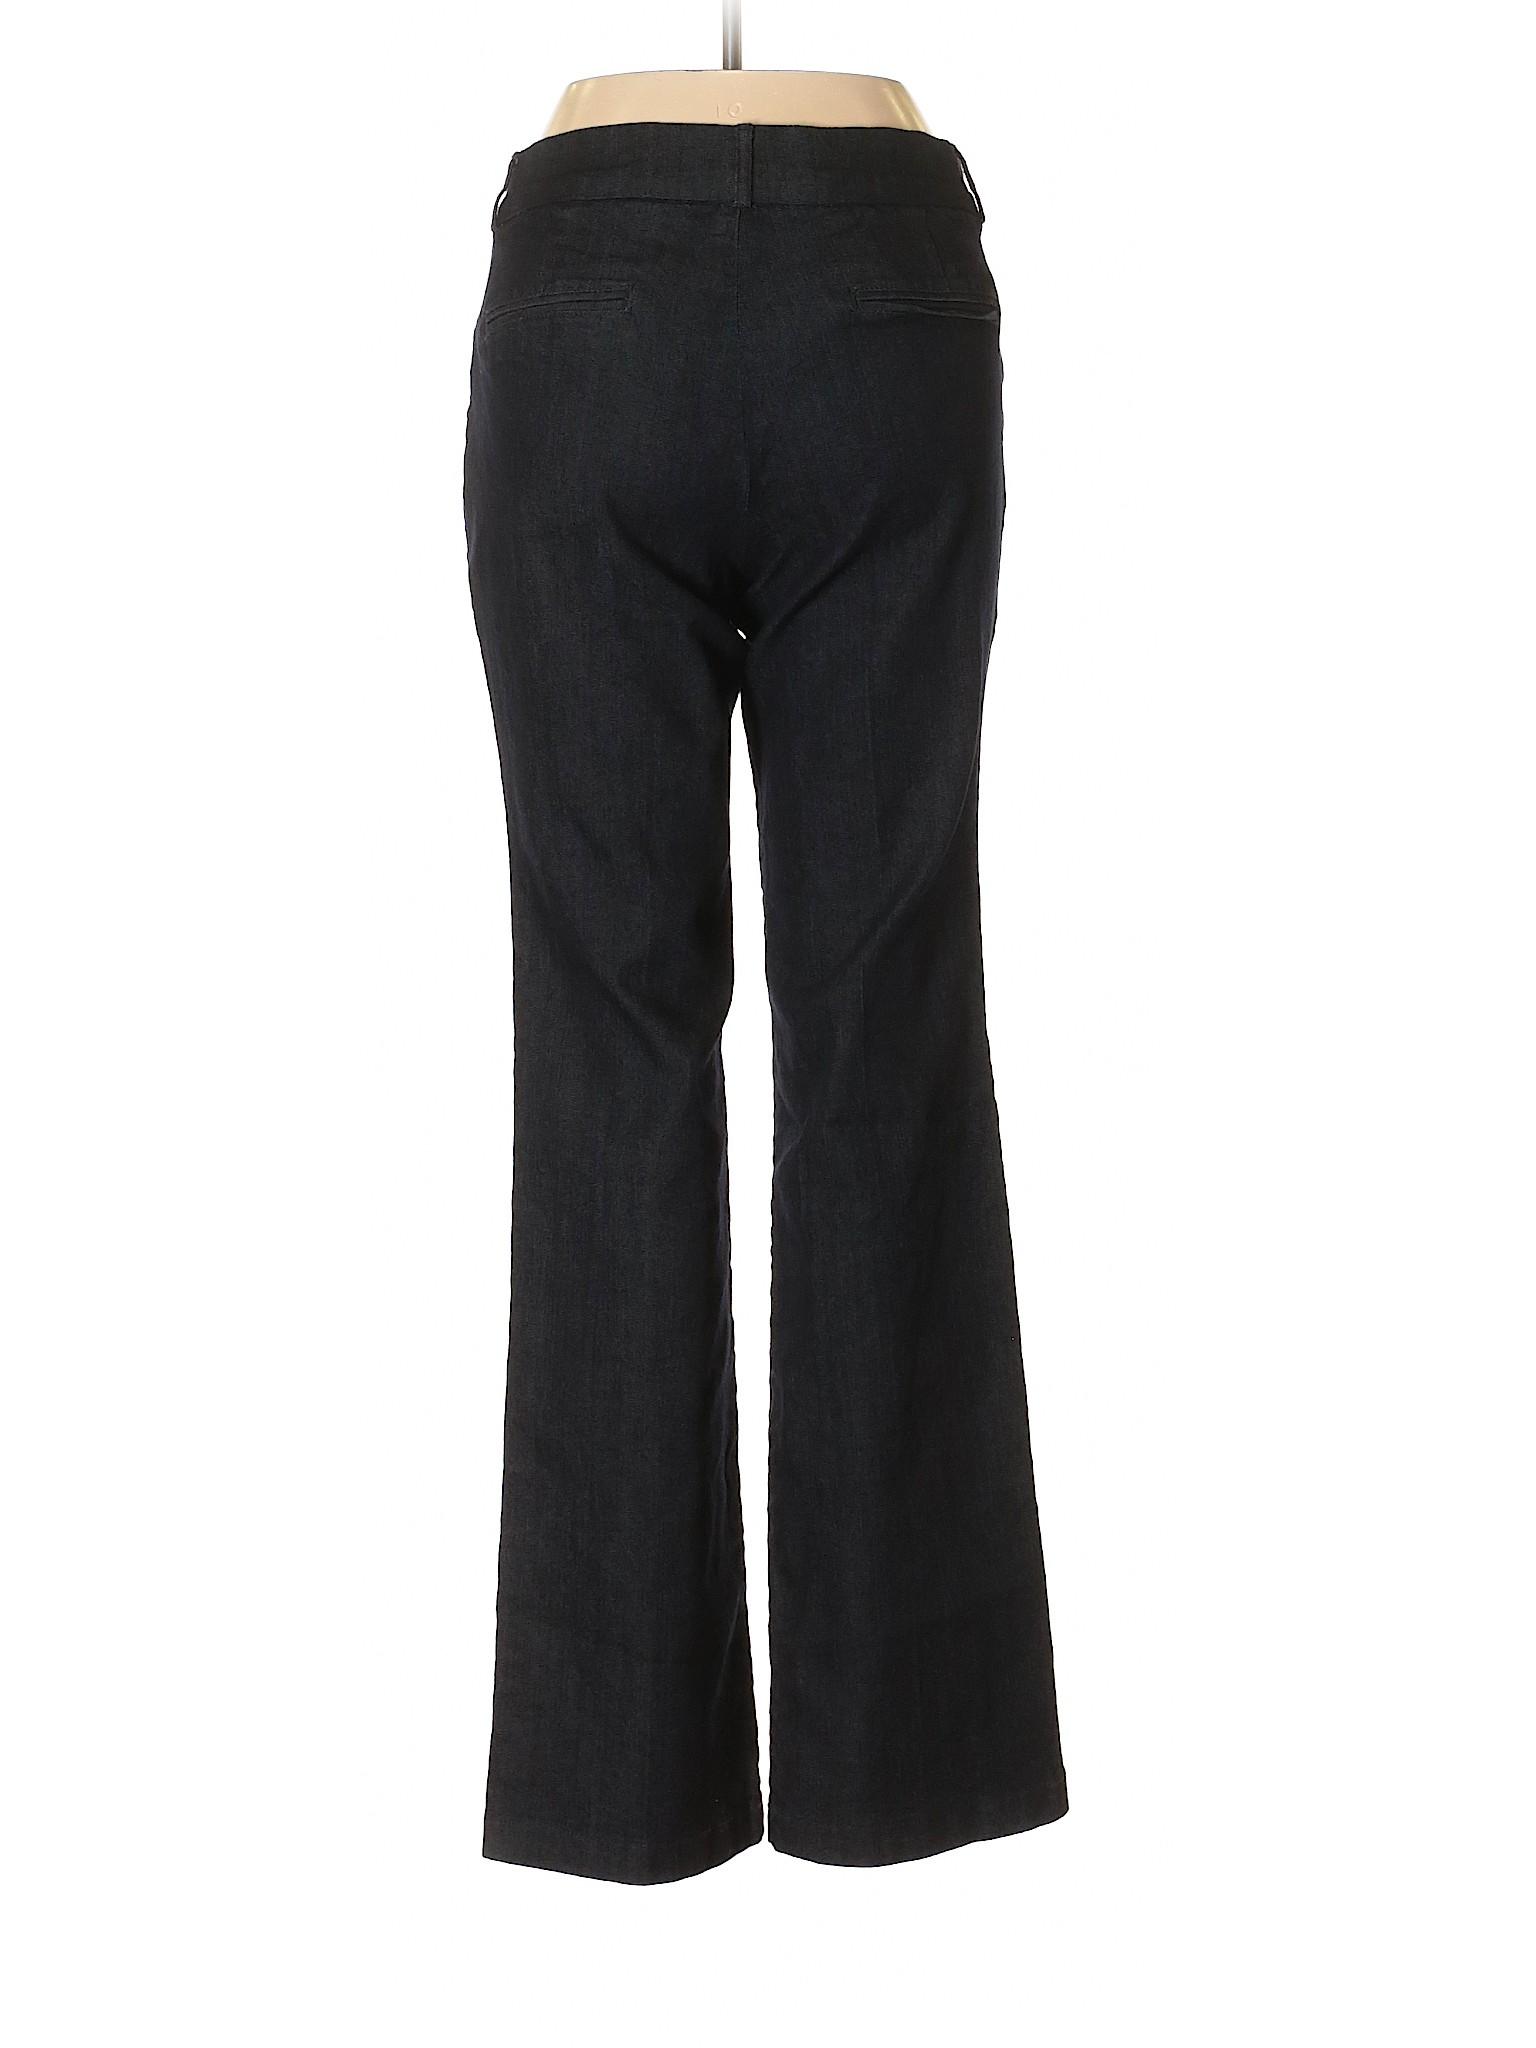 winter Boutique winter Boutique Dockers Dress Dress Pants Dockers Pants Cwq1OvF